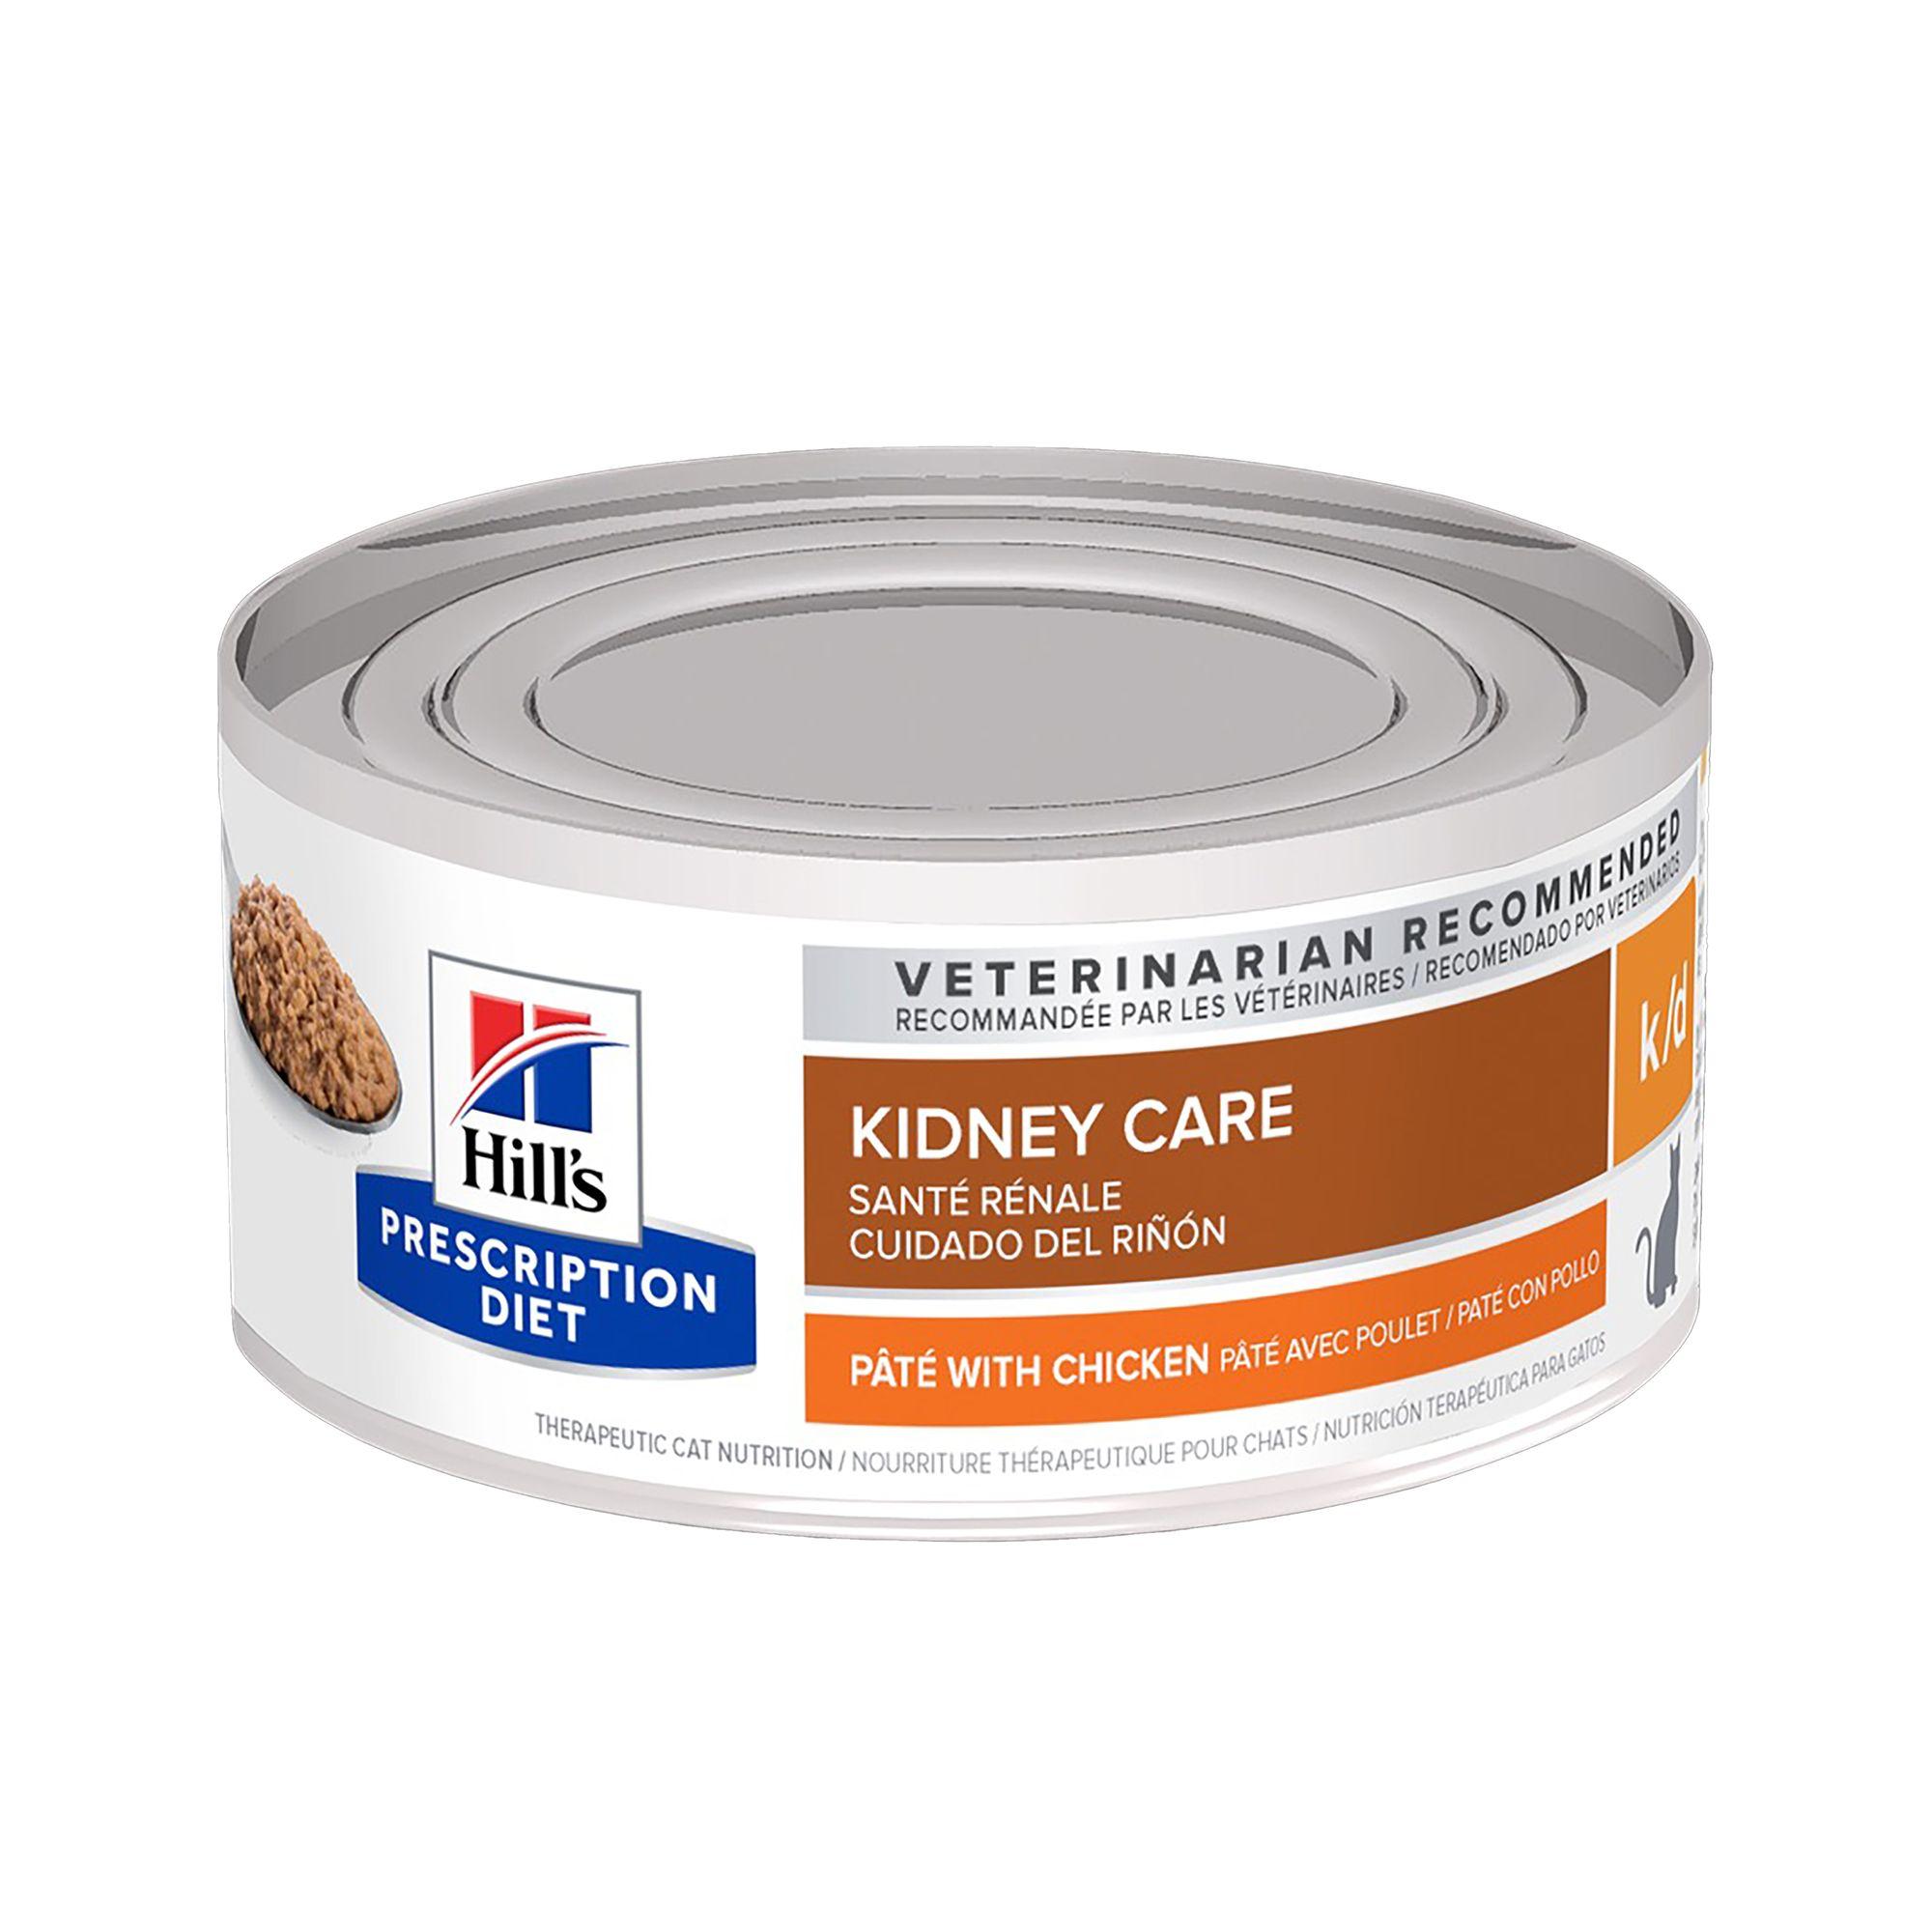 hills prescription diet cat food petsmart can